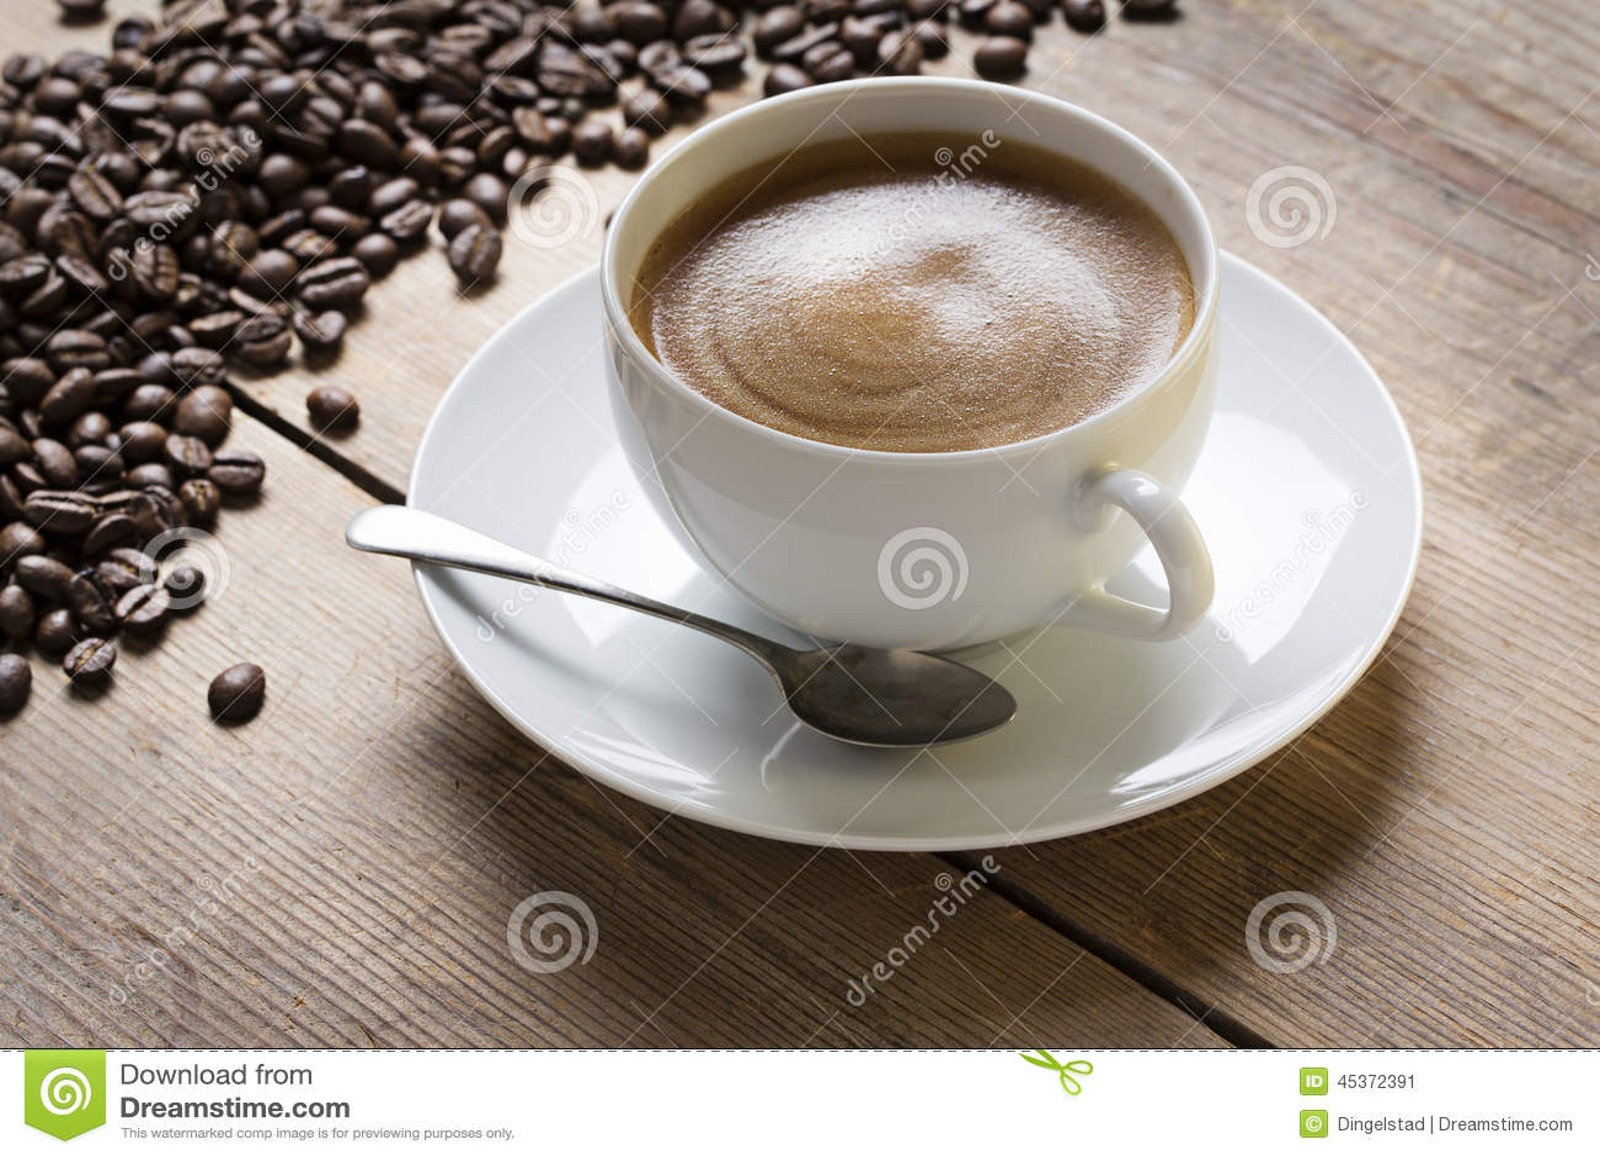 Tasse de coffe sur une soucoupe avec une cuillère de vintage